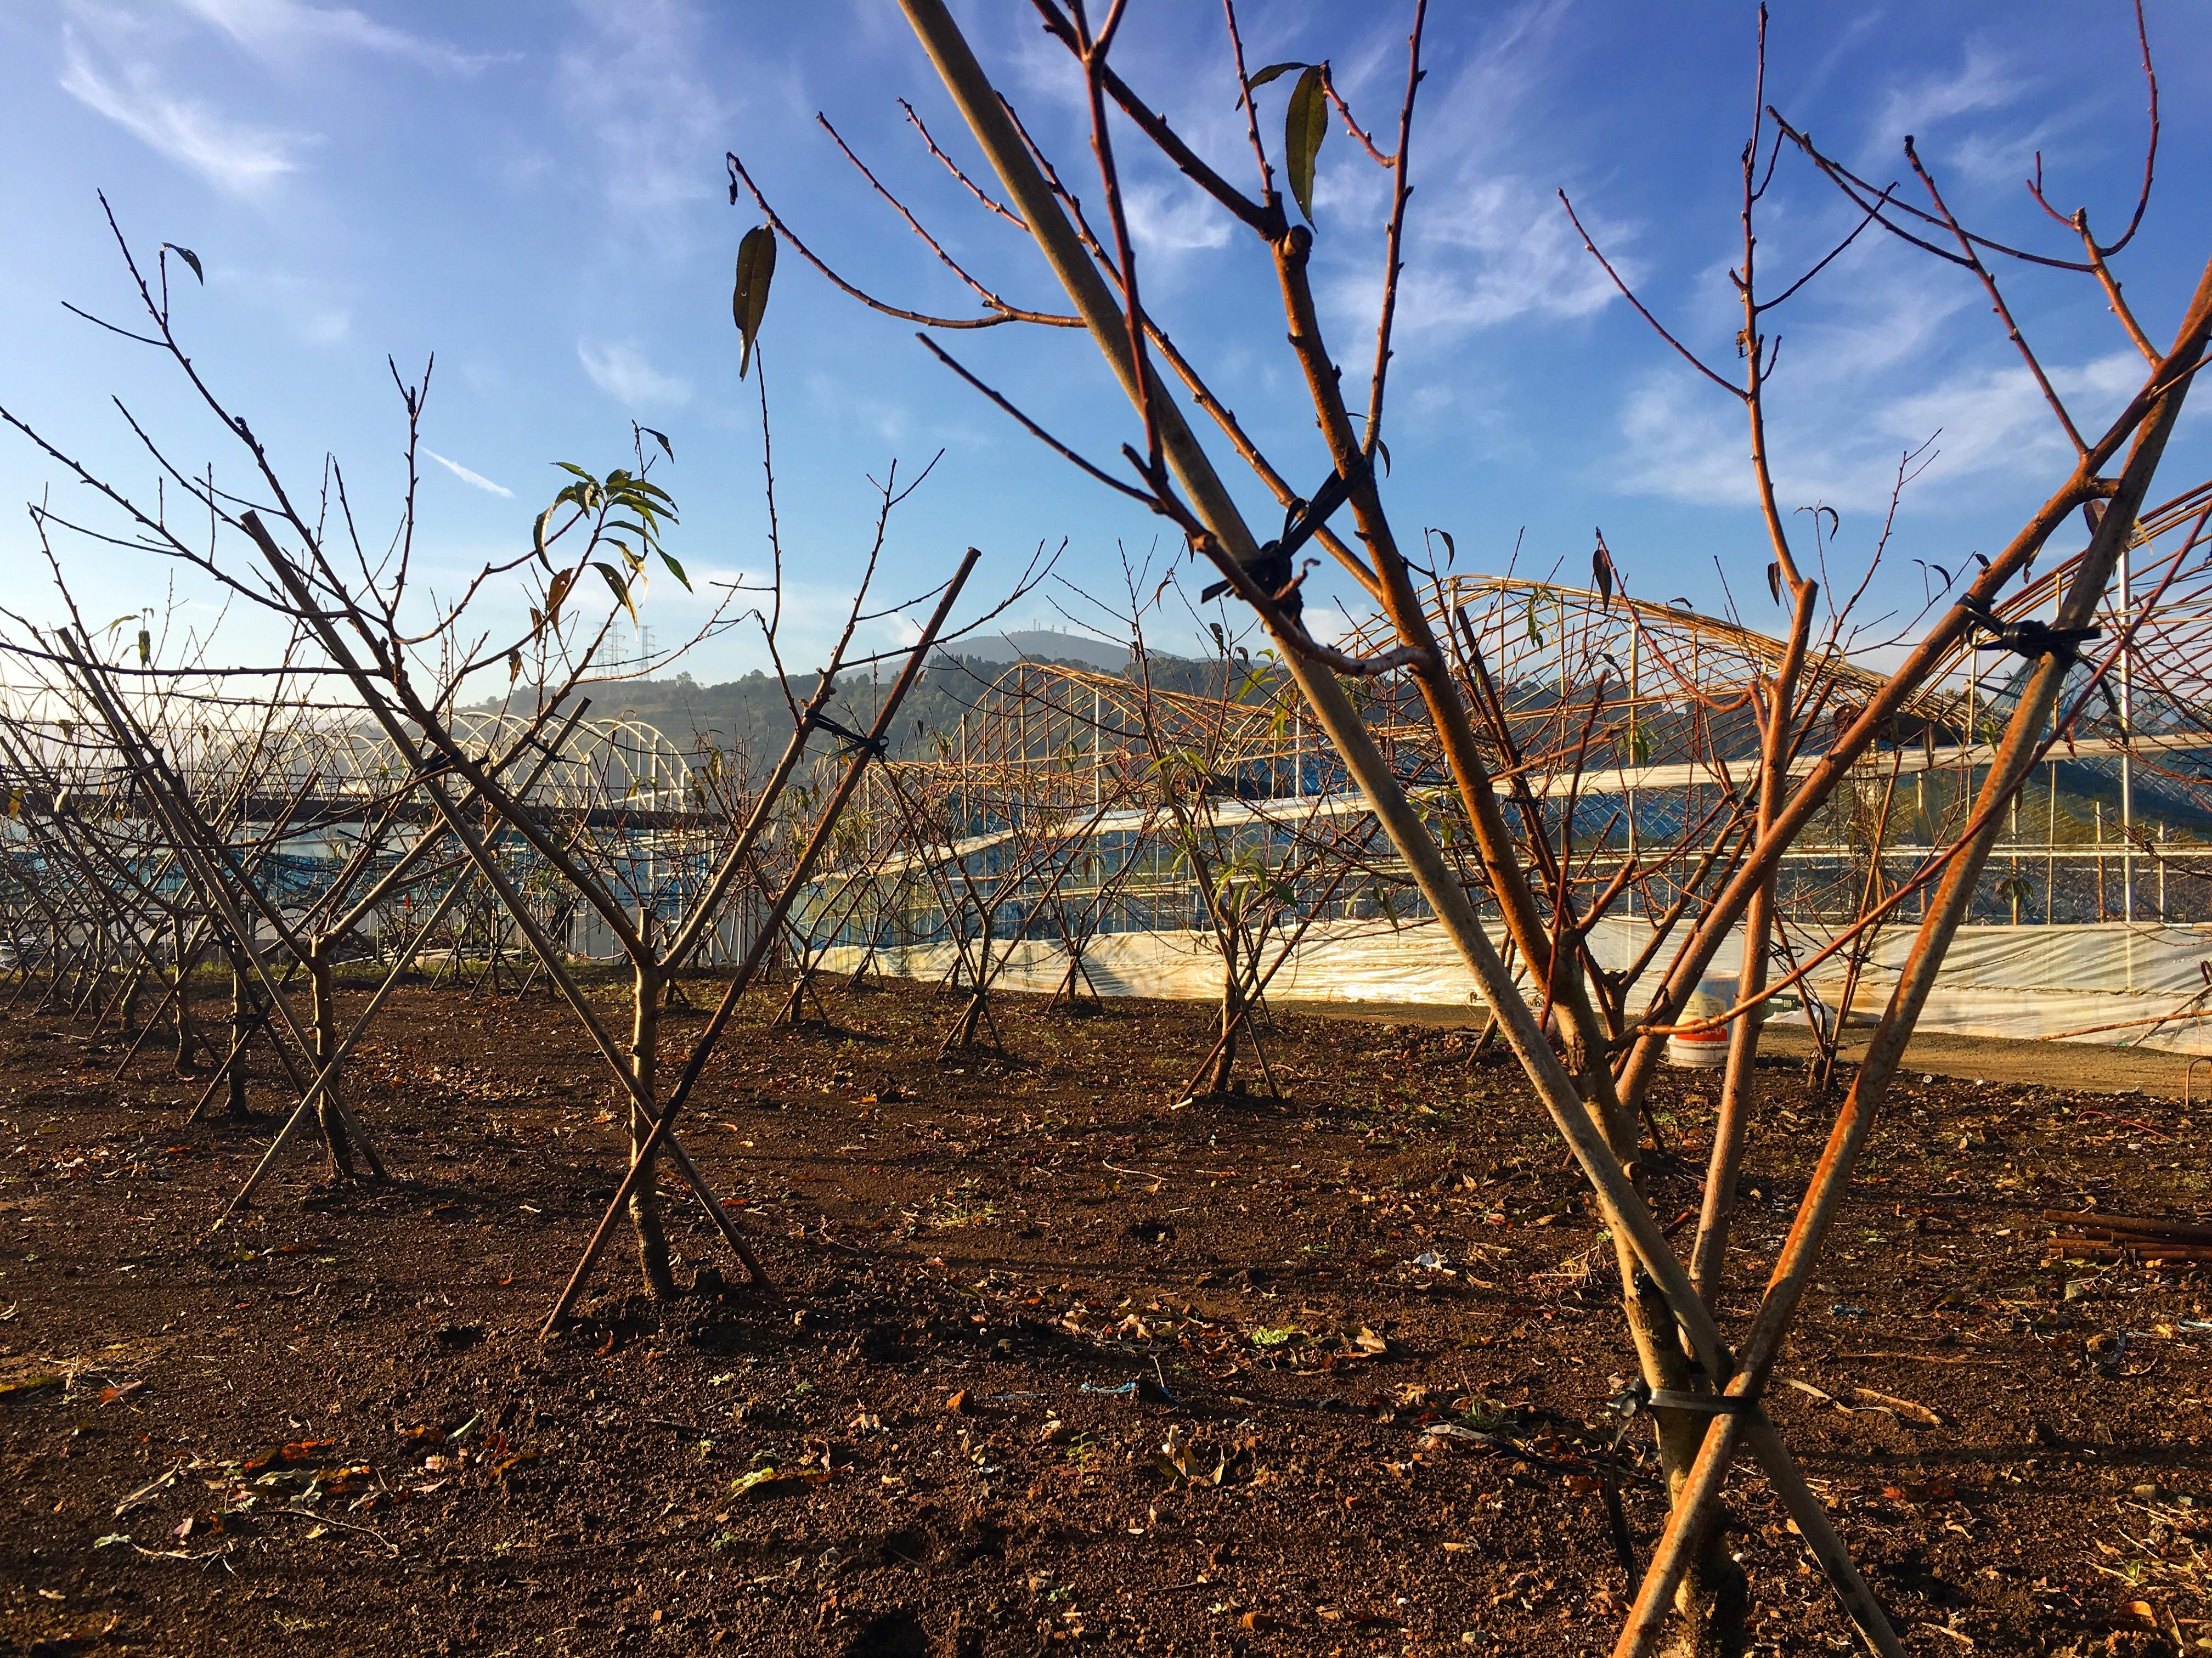 桃の樹の移植